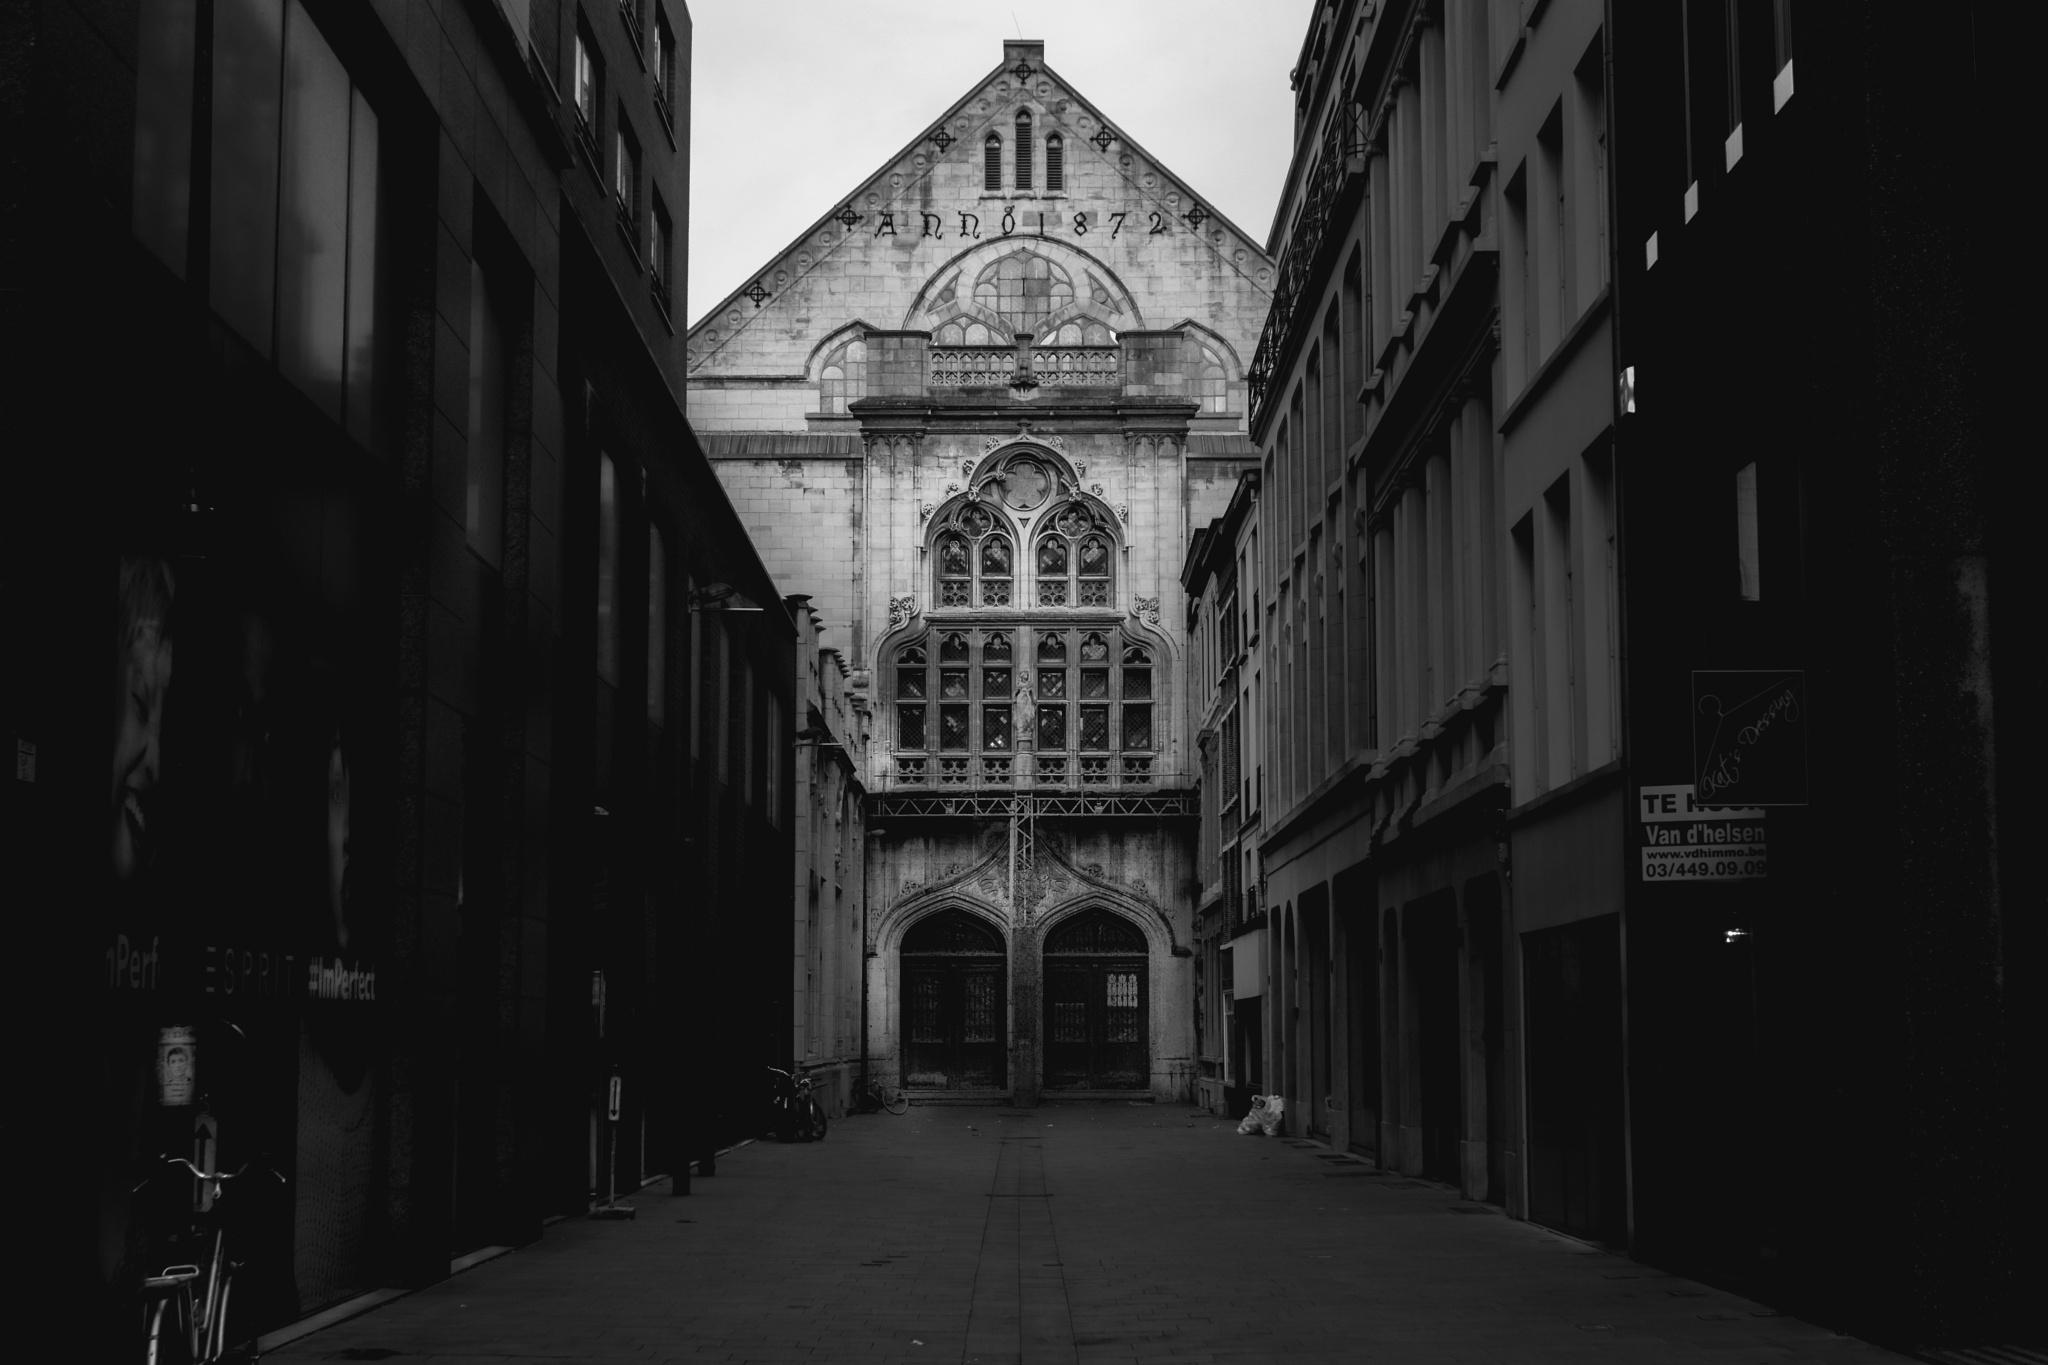 Anvers by sgjordans